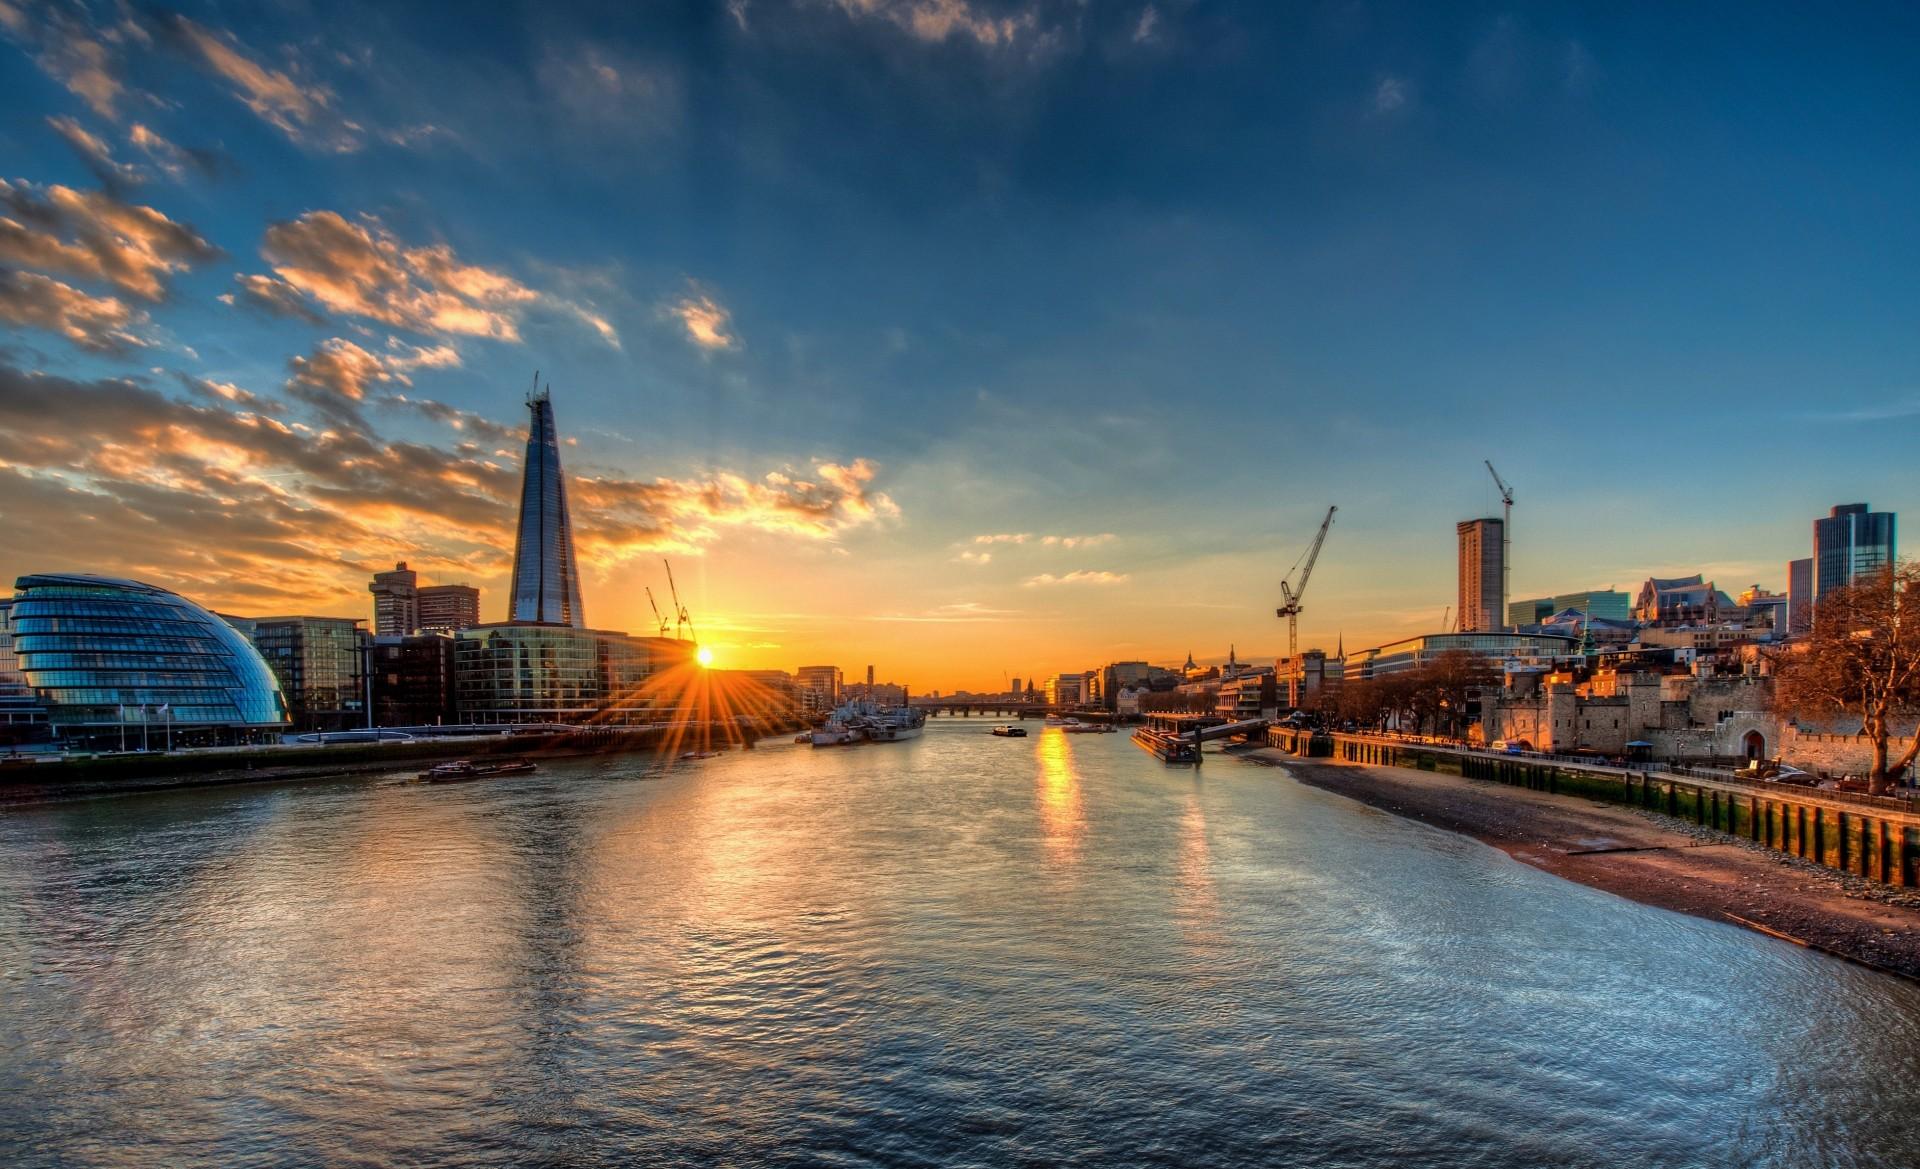 картинка темза в лондоне нур насчитывает около